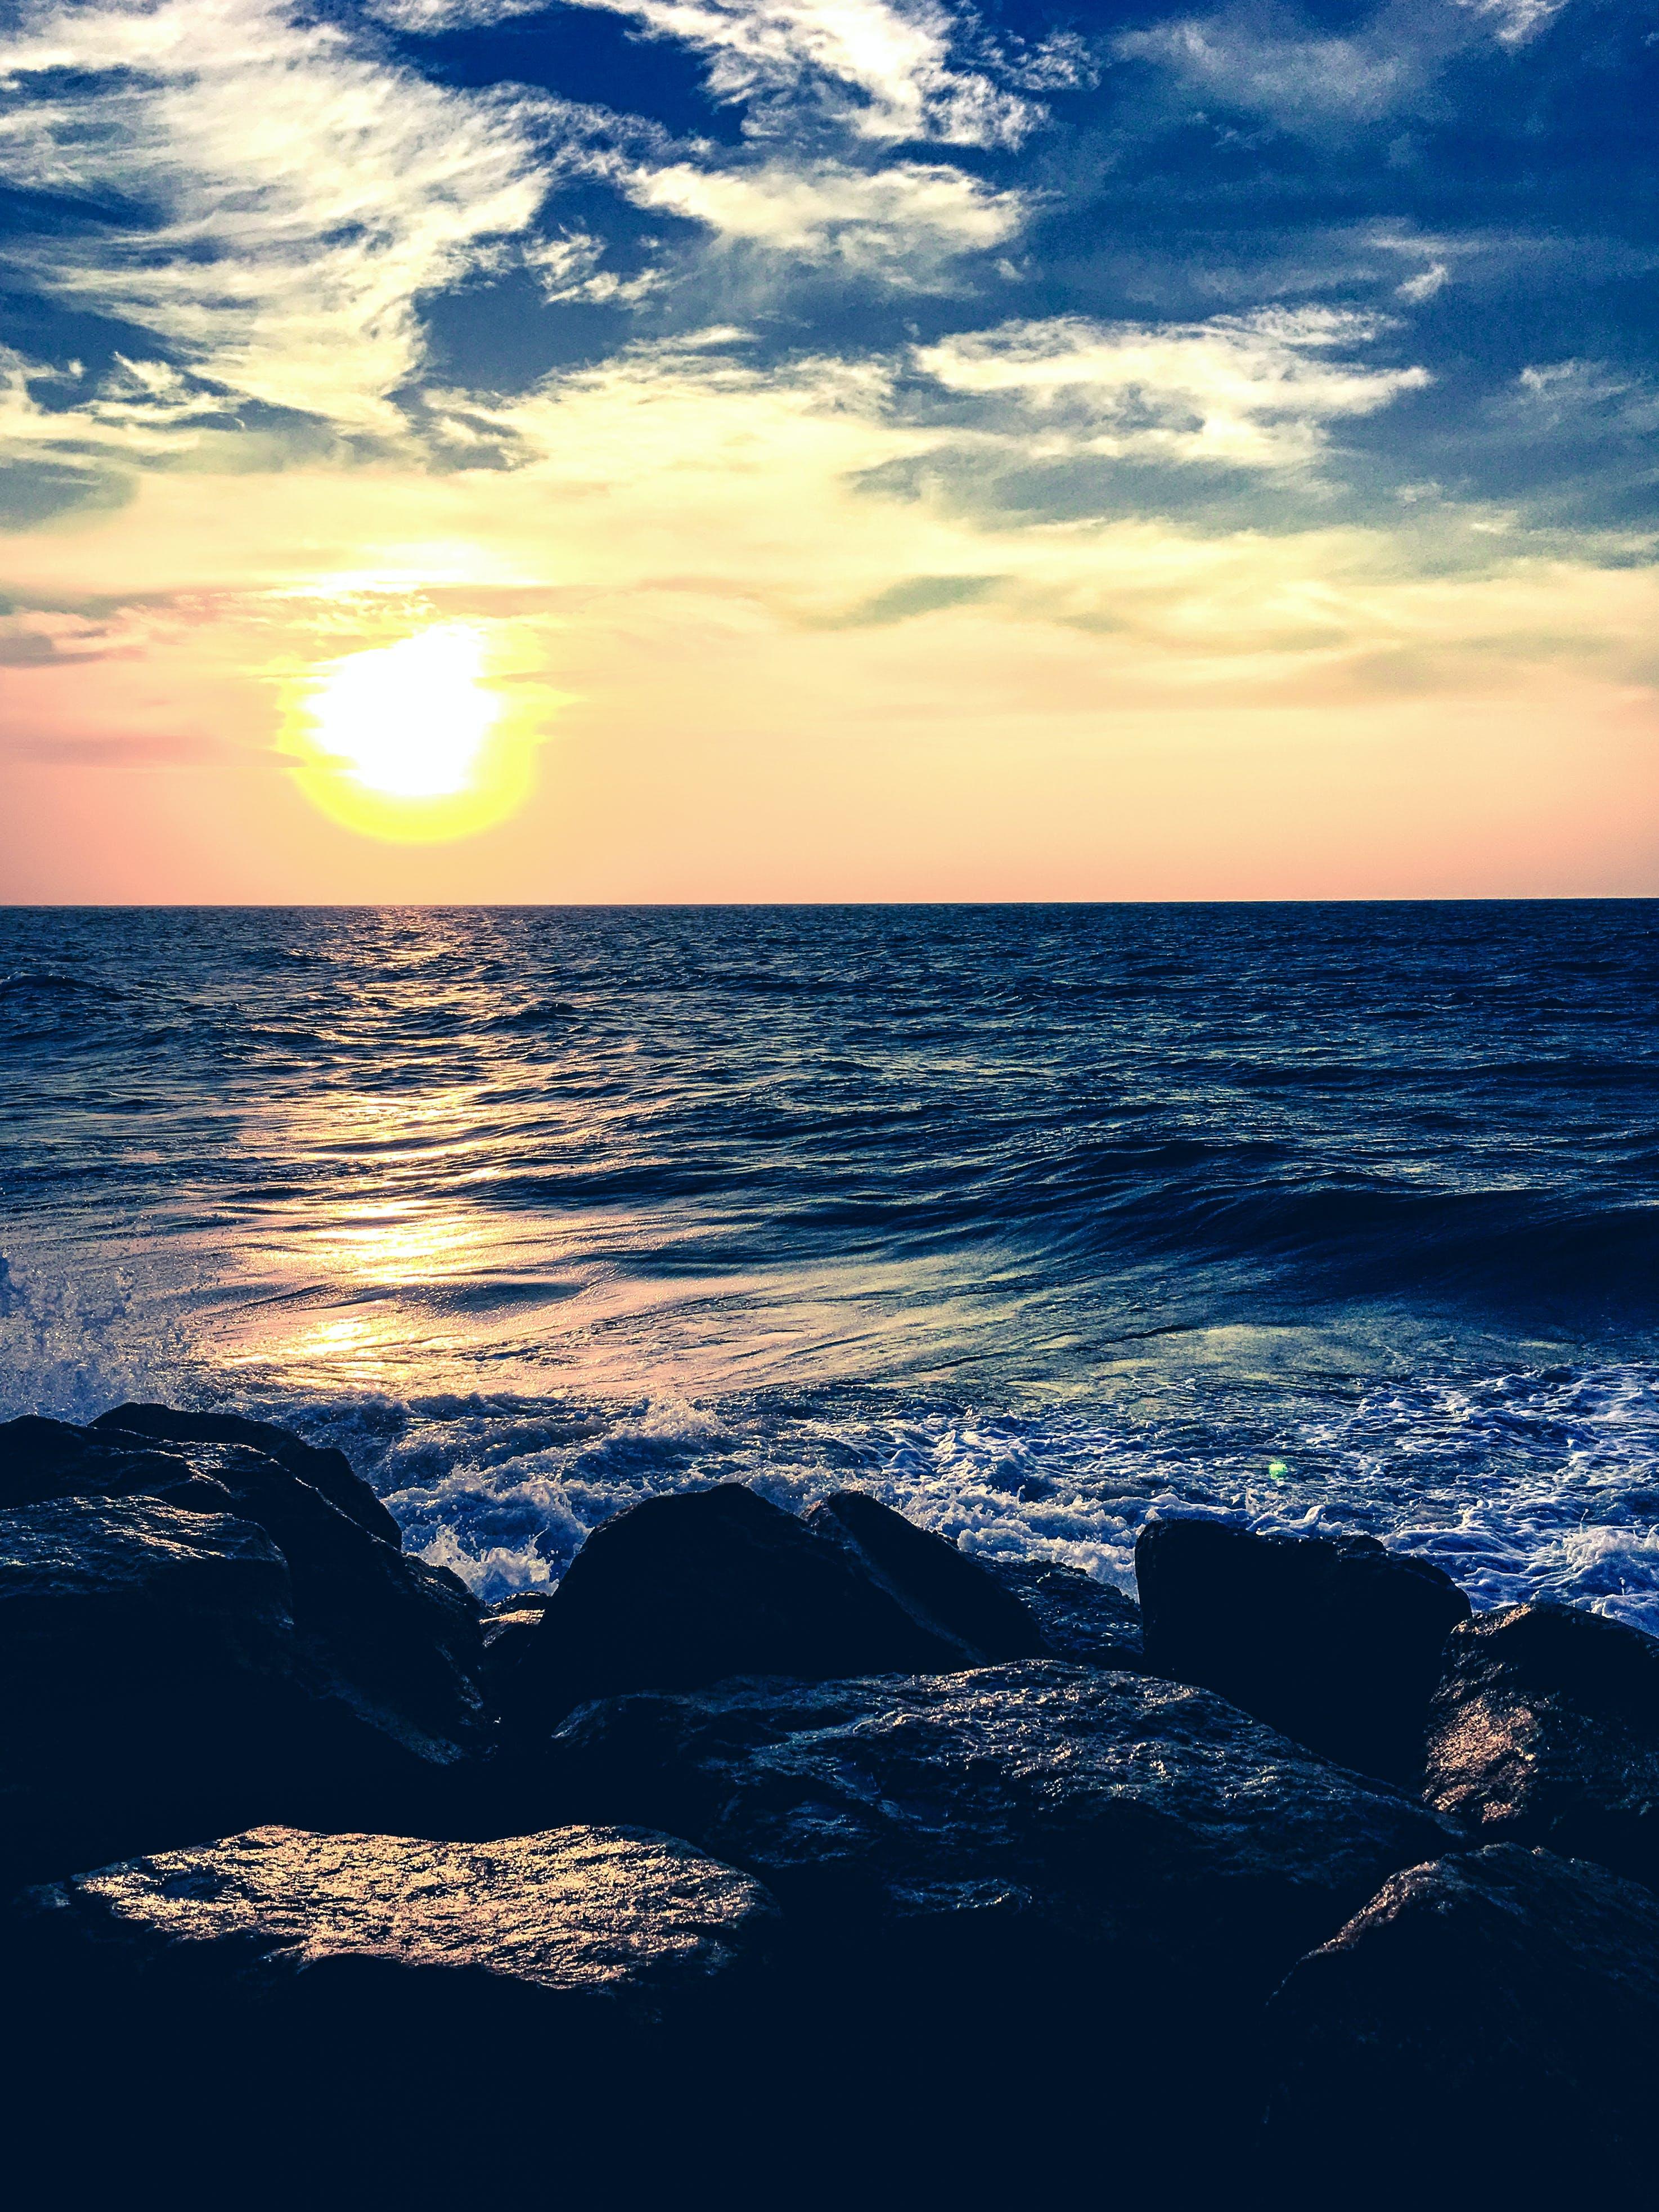 hav, havudsigt, himmel